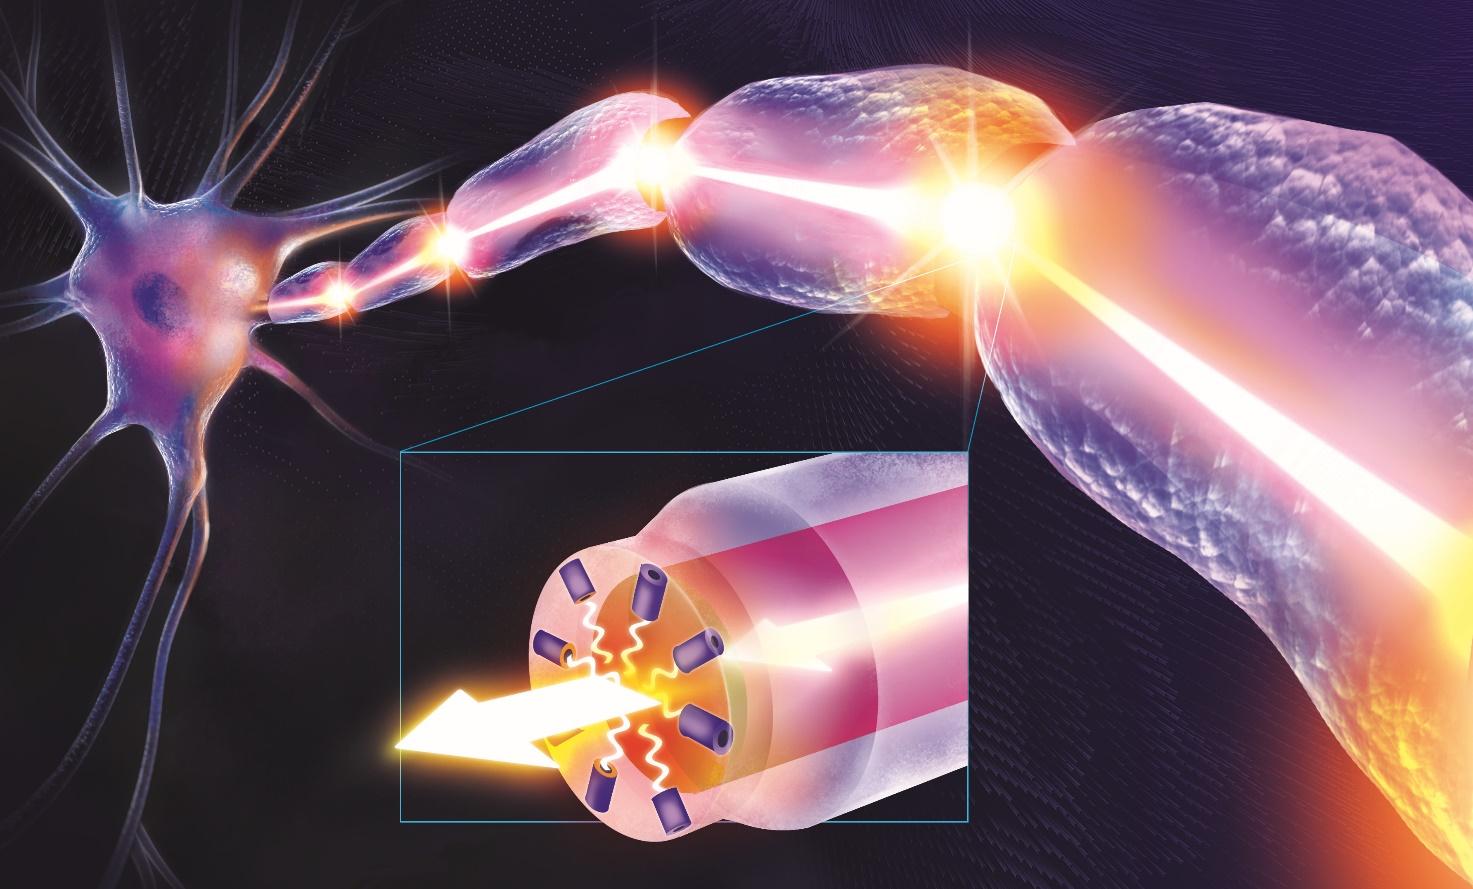 La radiazione luminosa, scaturita dal nodo di Ranvier, viaggia lungo i segmenti mielinici. Foto: dott. Luca Massaccesi.